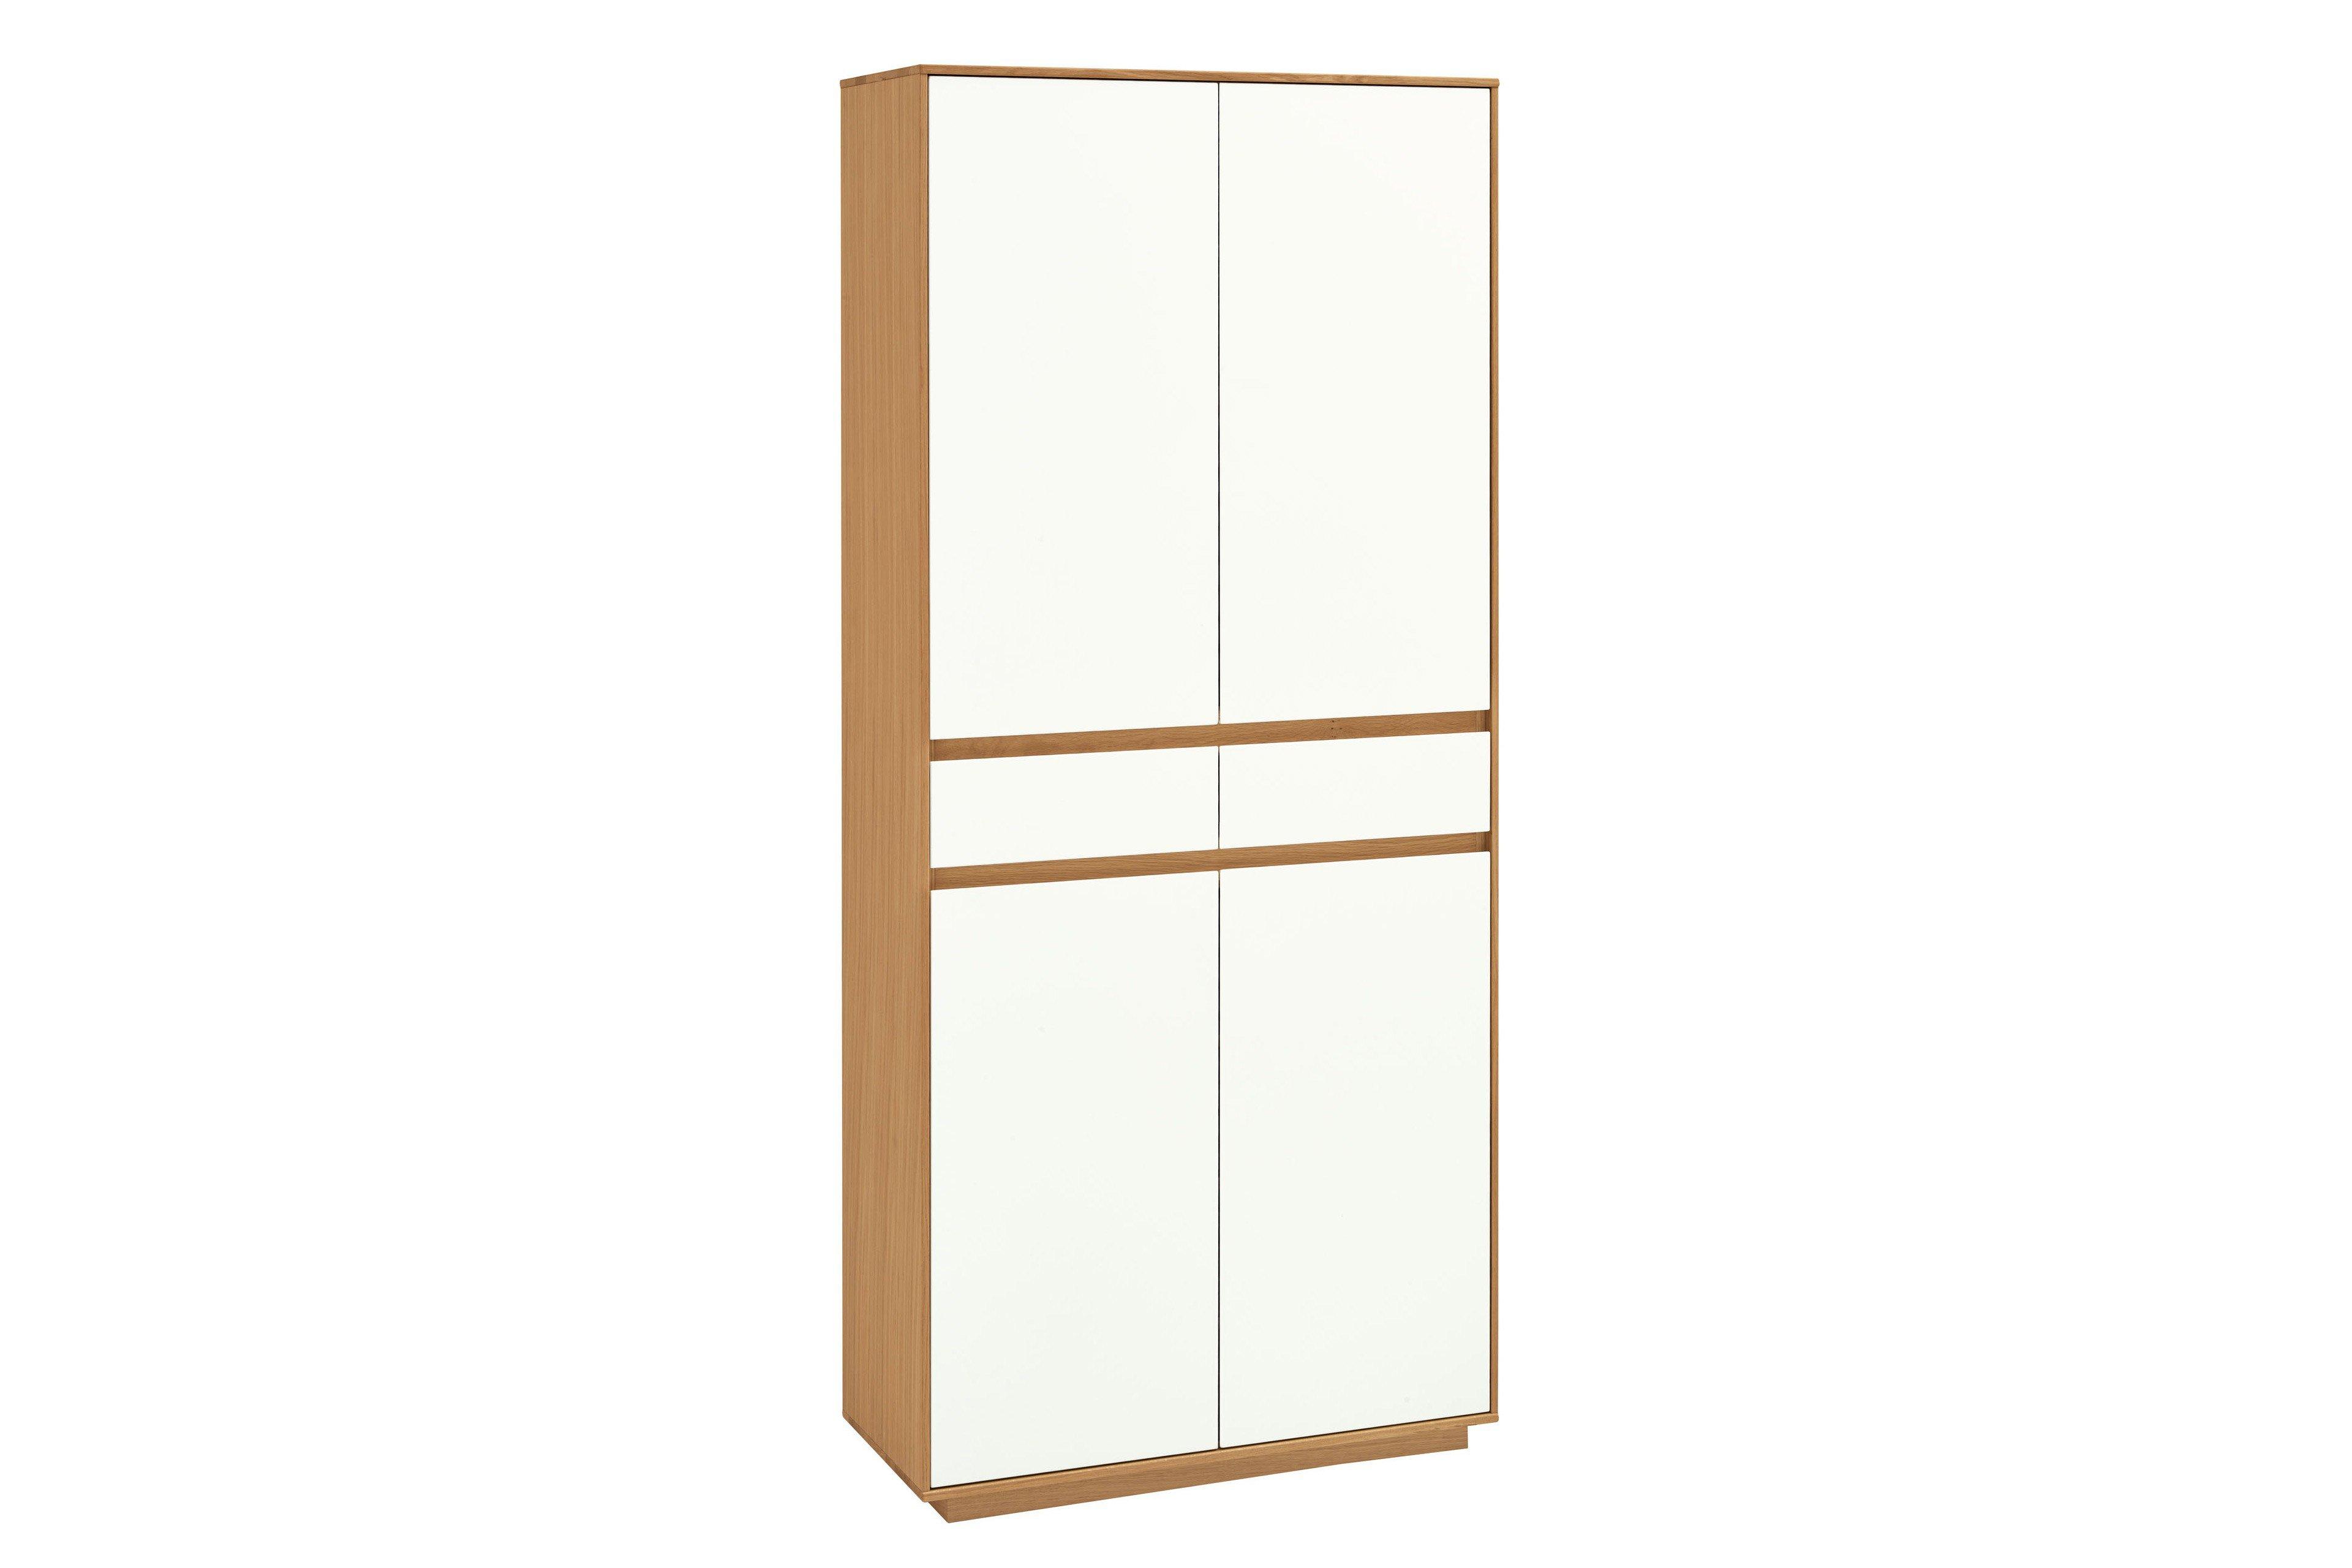 Voss Möbel Garderobenschrank V100 Eiche/ weiß | Möbel Letz - Ihr ...